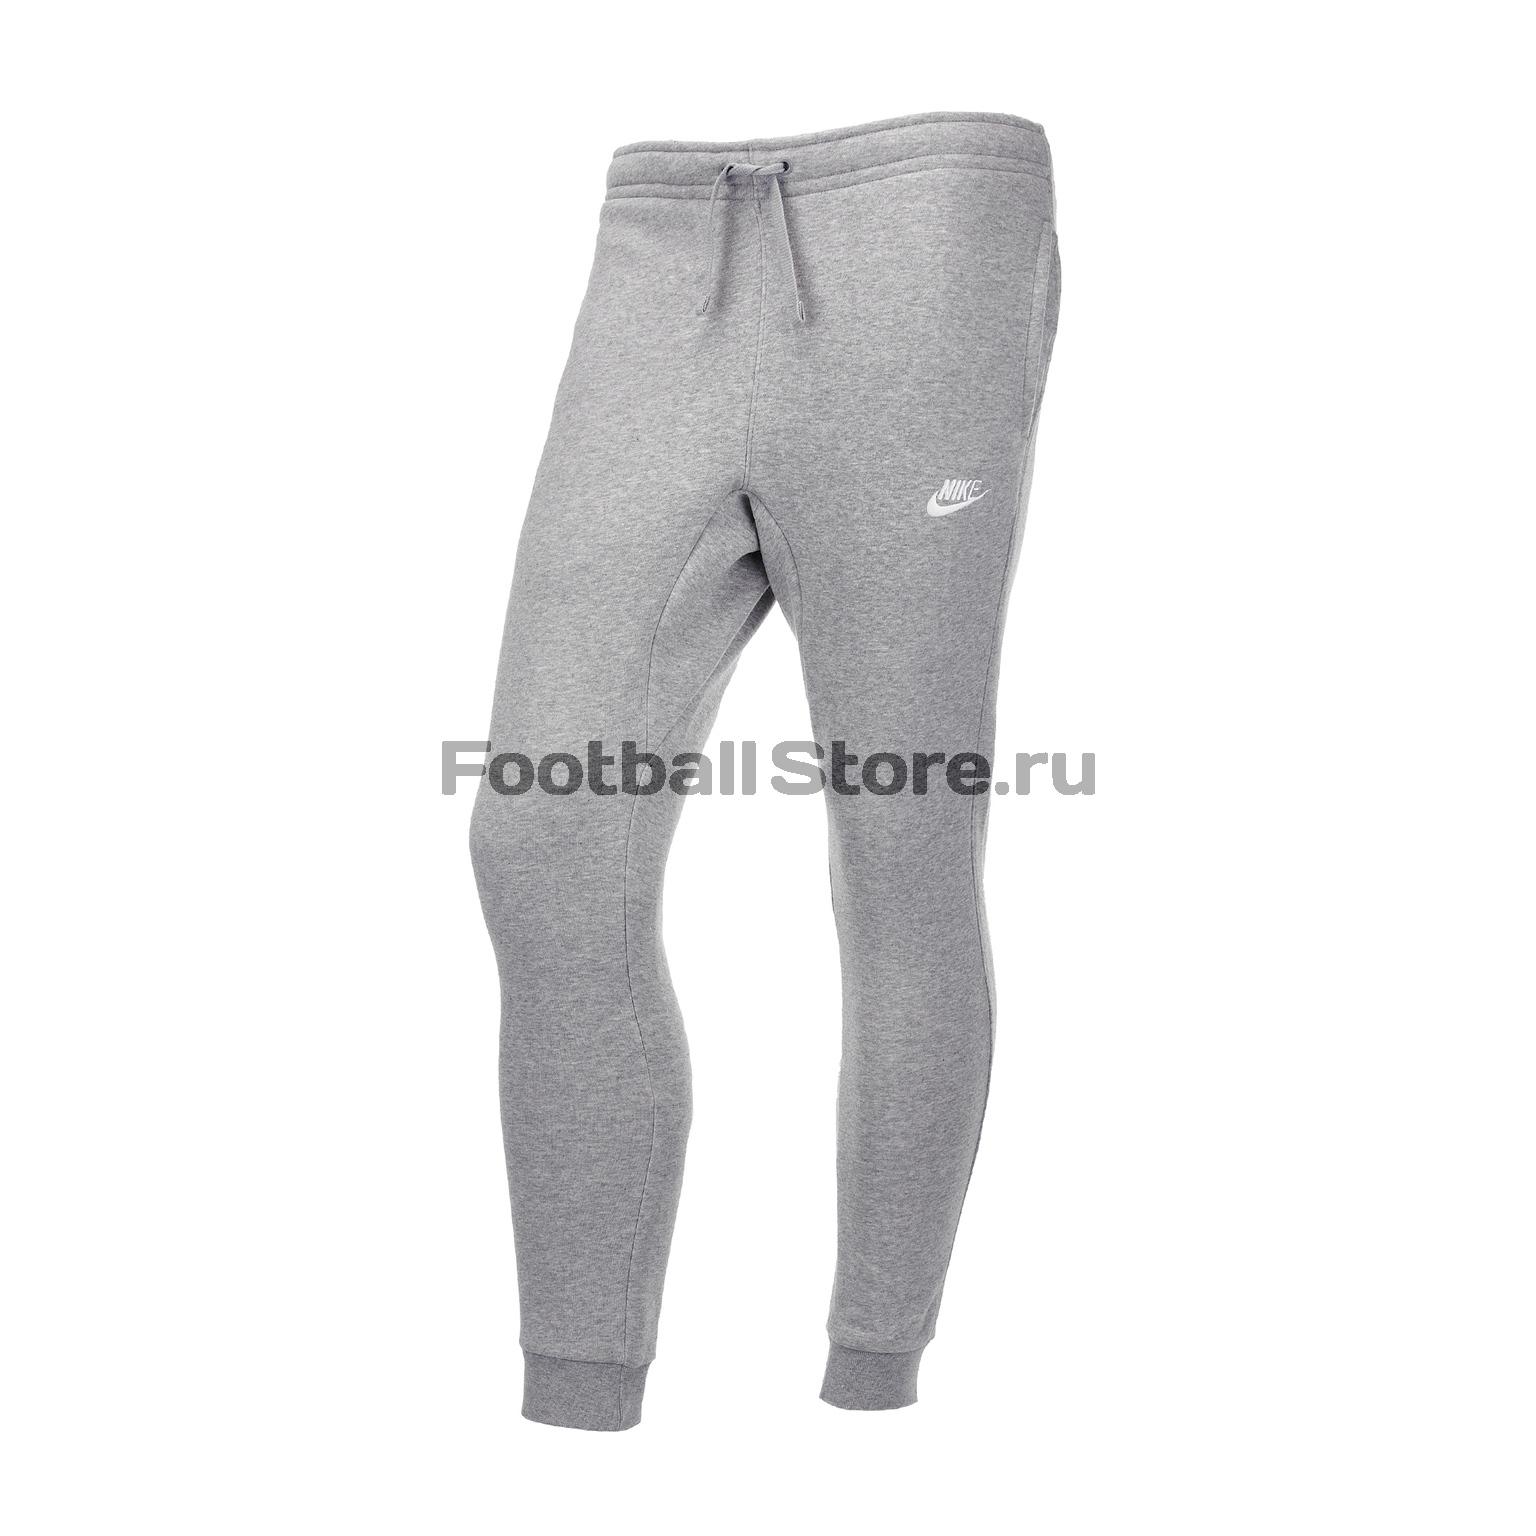 купить Брюки тренировочные Nike M NSW Jogger Club FLC 804408-063 дешево